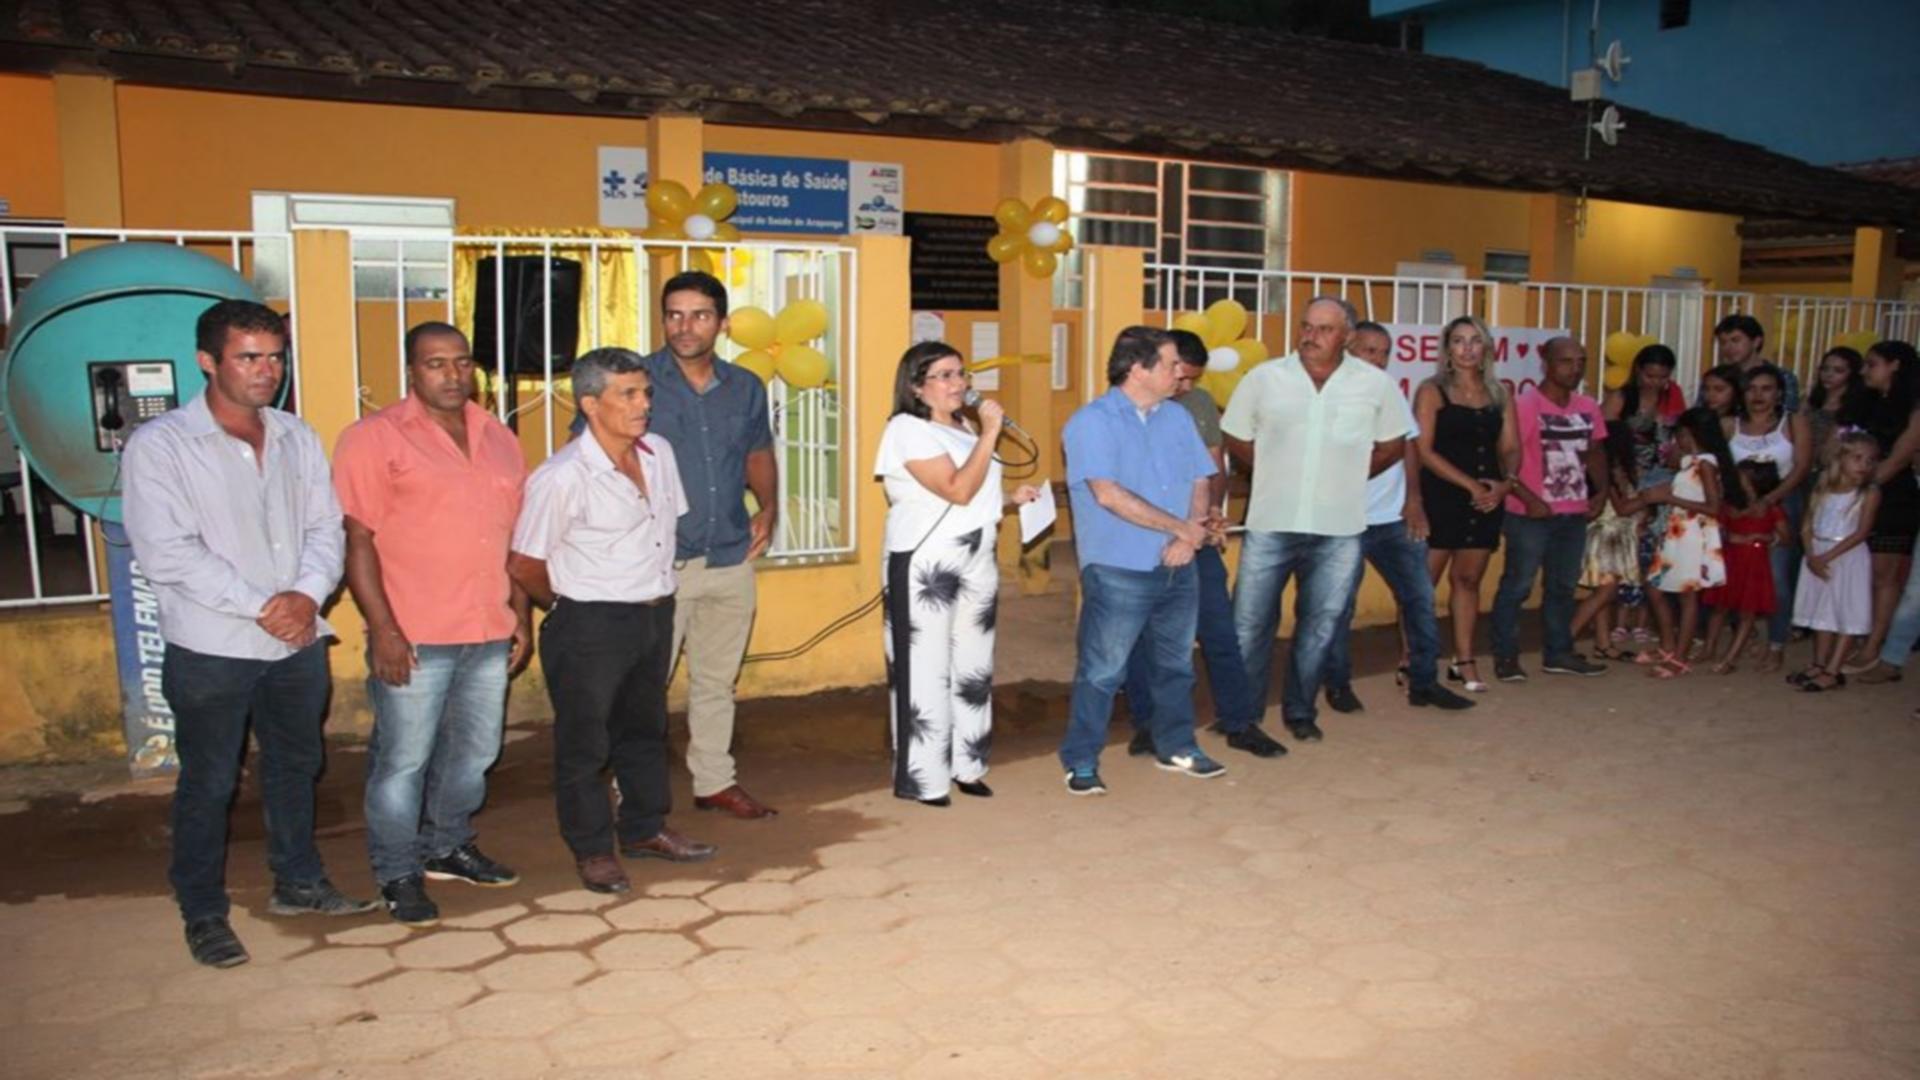 GRANDE CONQUISTA: UBS ESTOUROS É INAUGURADA EM ARAPONGA-MG !!!